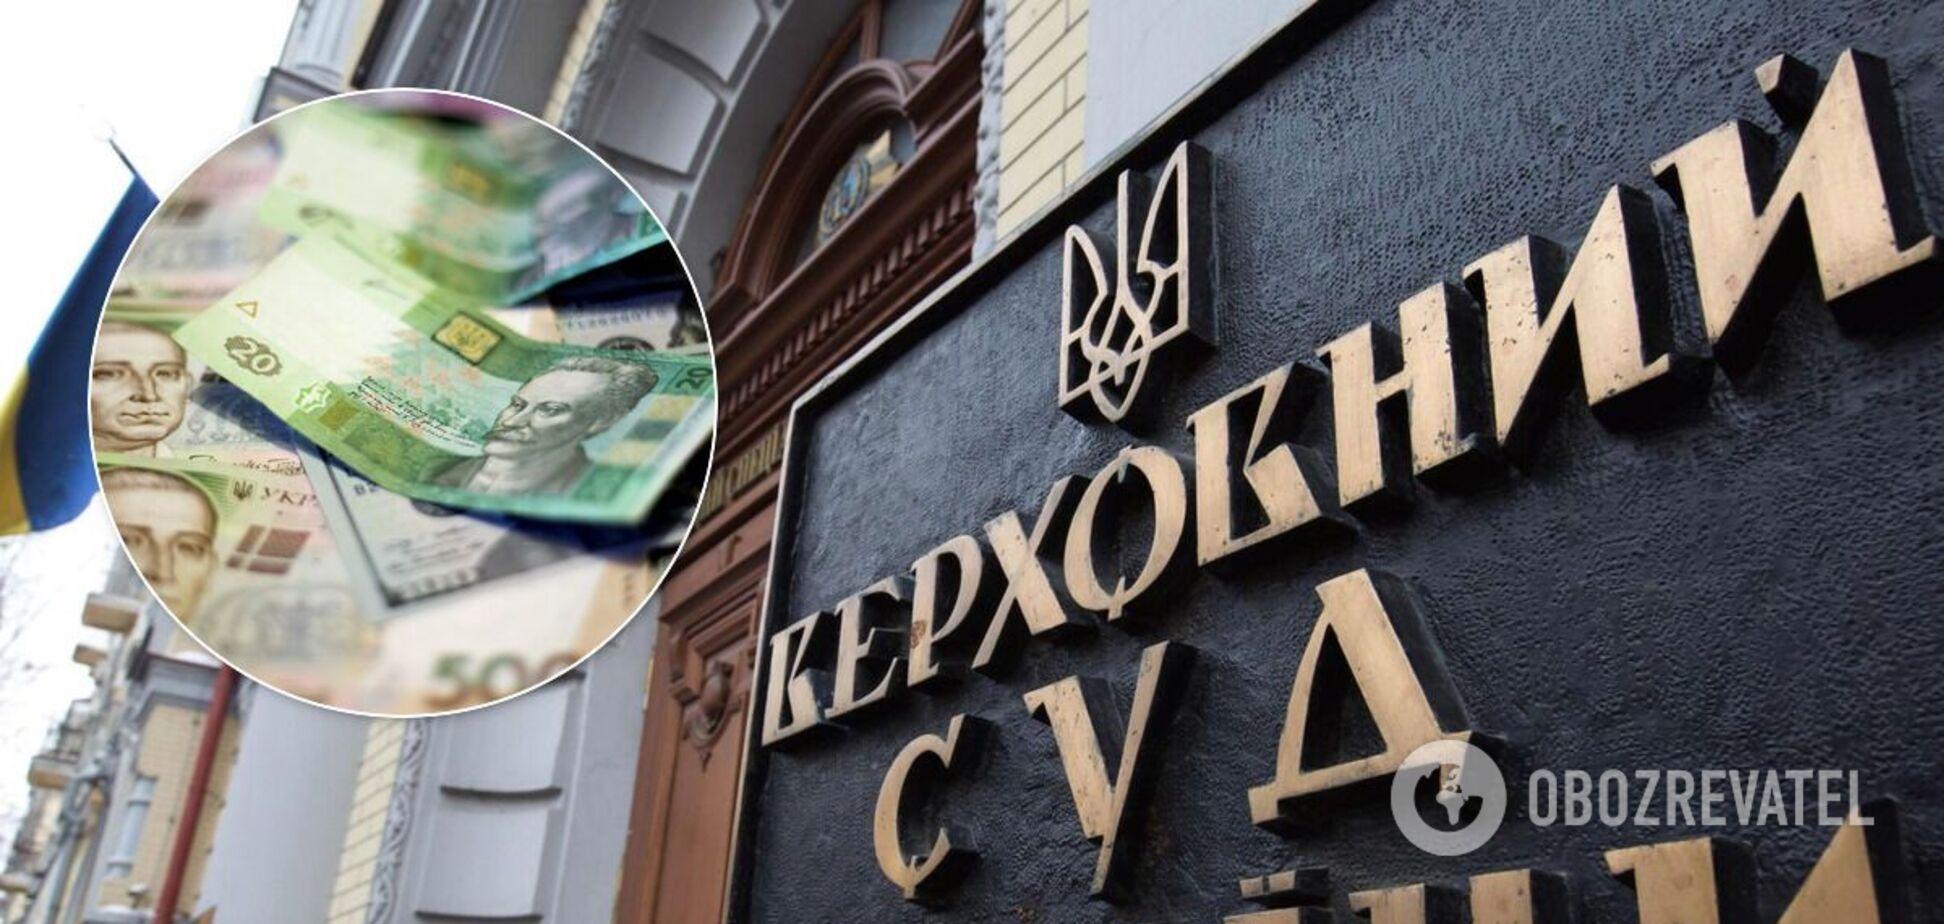 Верховний Суд України витратить 436 млн гривень на ремонт офісу